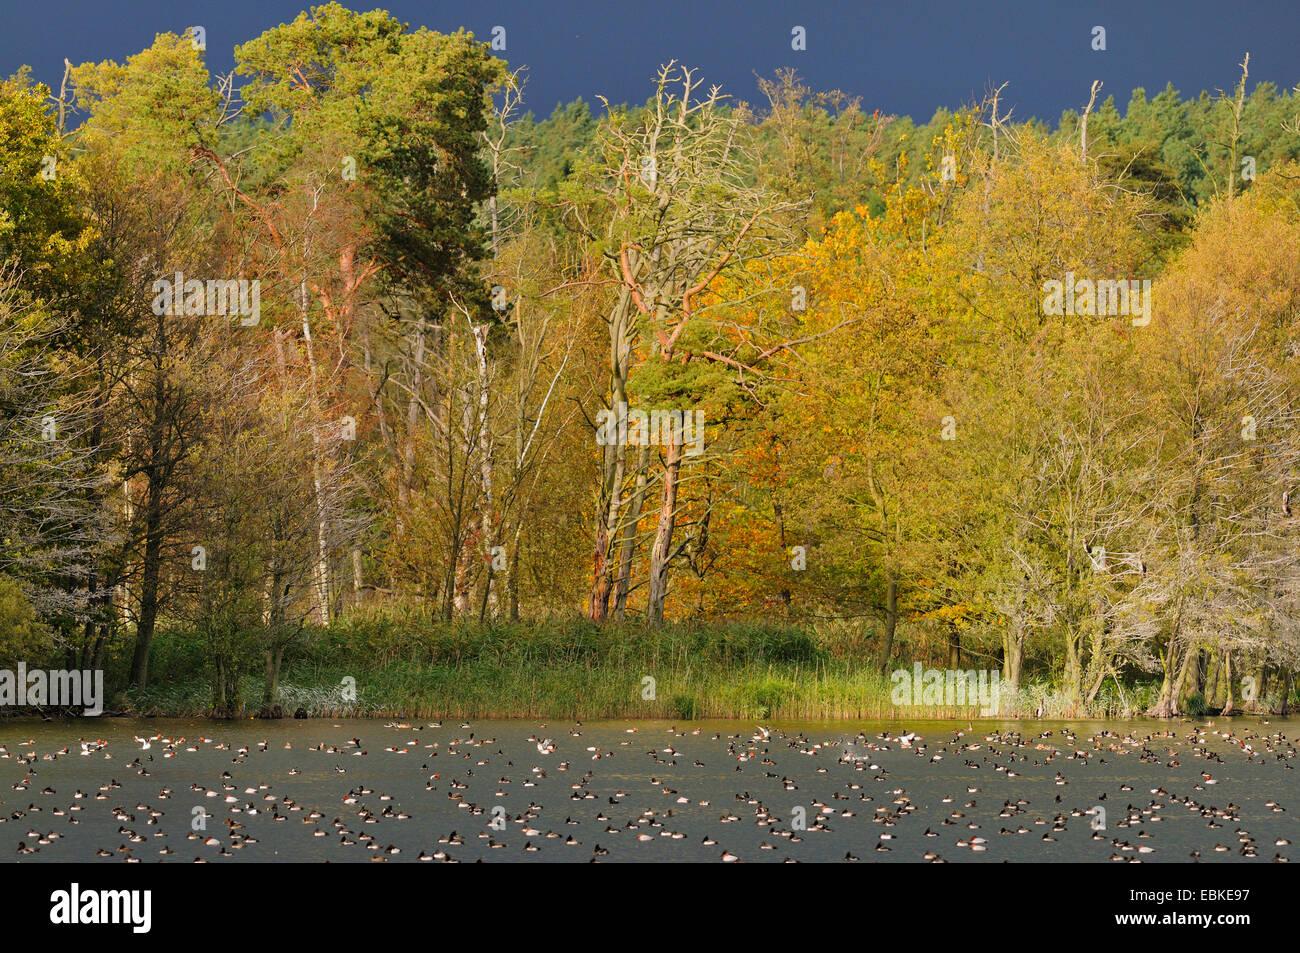 Descansando patos en un lago en la tormentosa atmósfera, Alemania Imagen De Stock